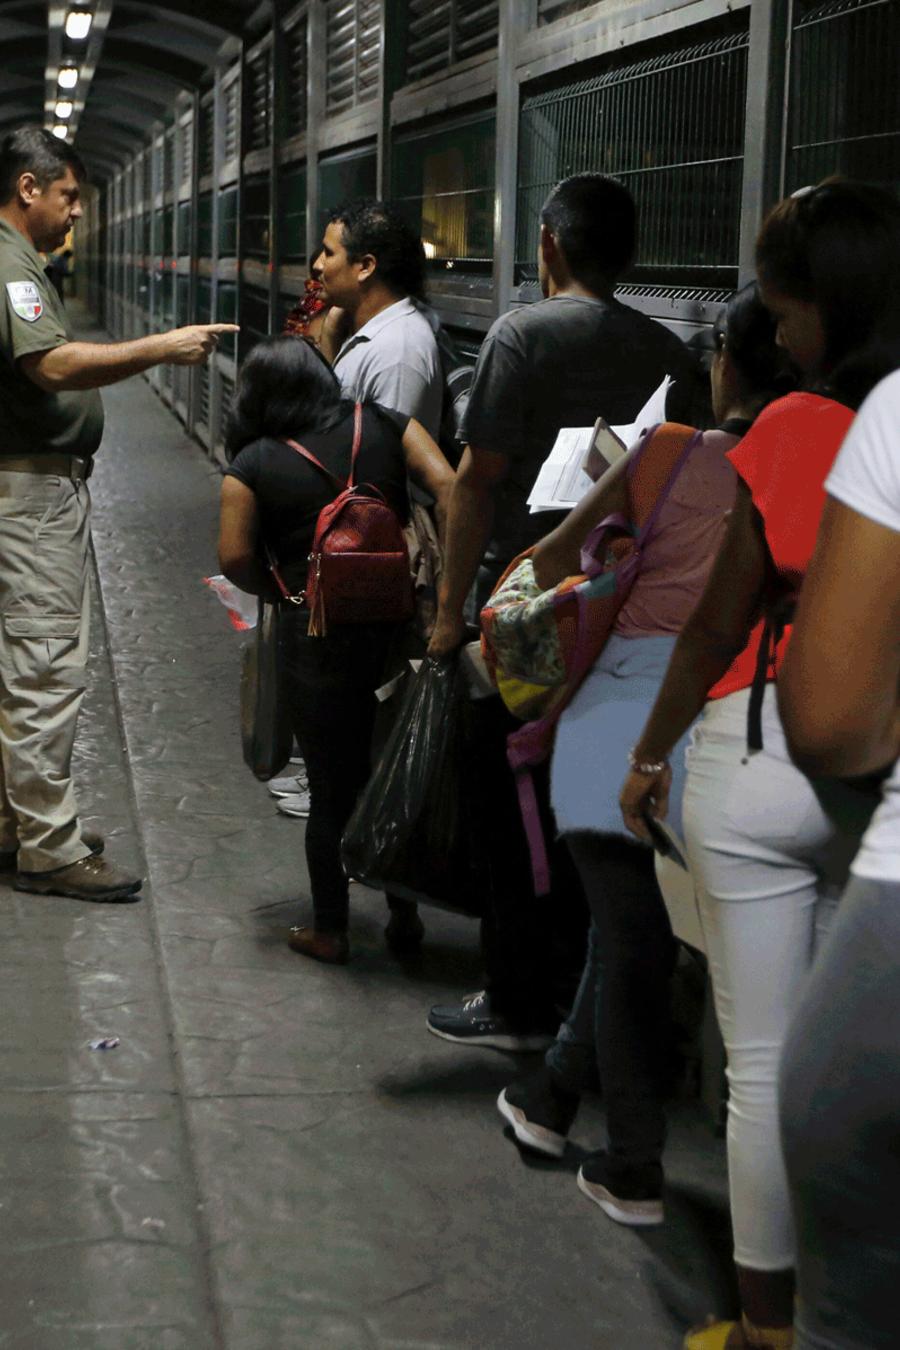 Un agente de Inmigración da órdenes a inmigrantes que esperan en fila para pedir asilo en Estados Unidos.